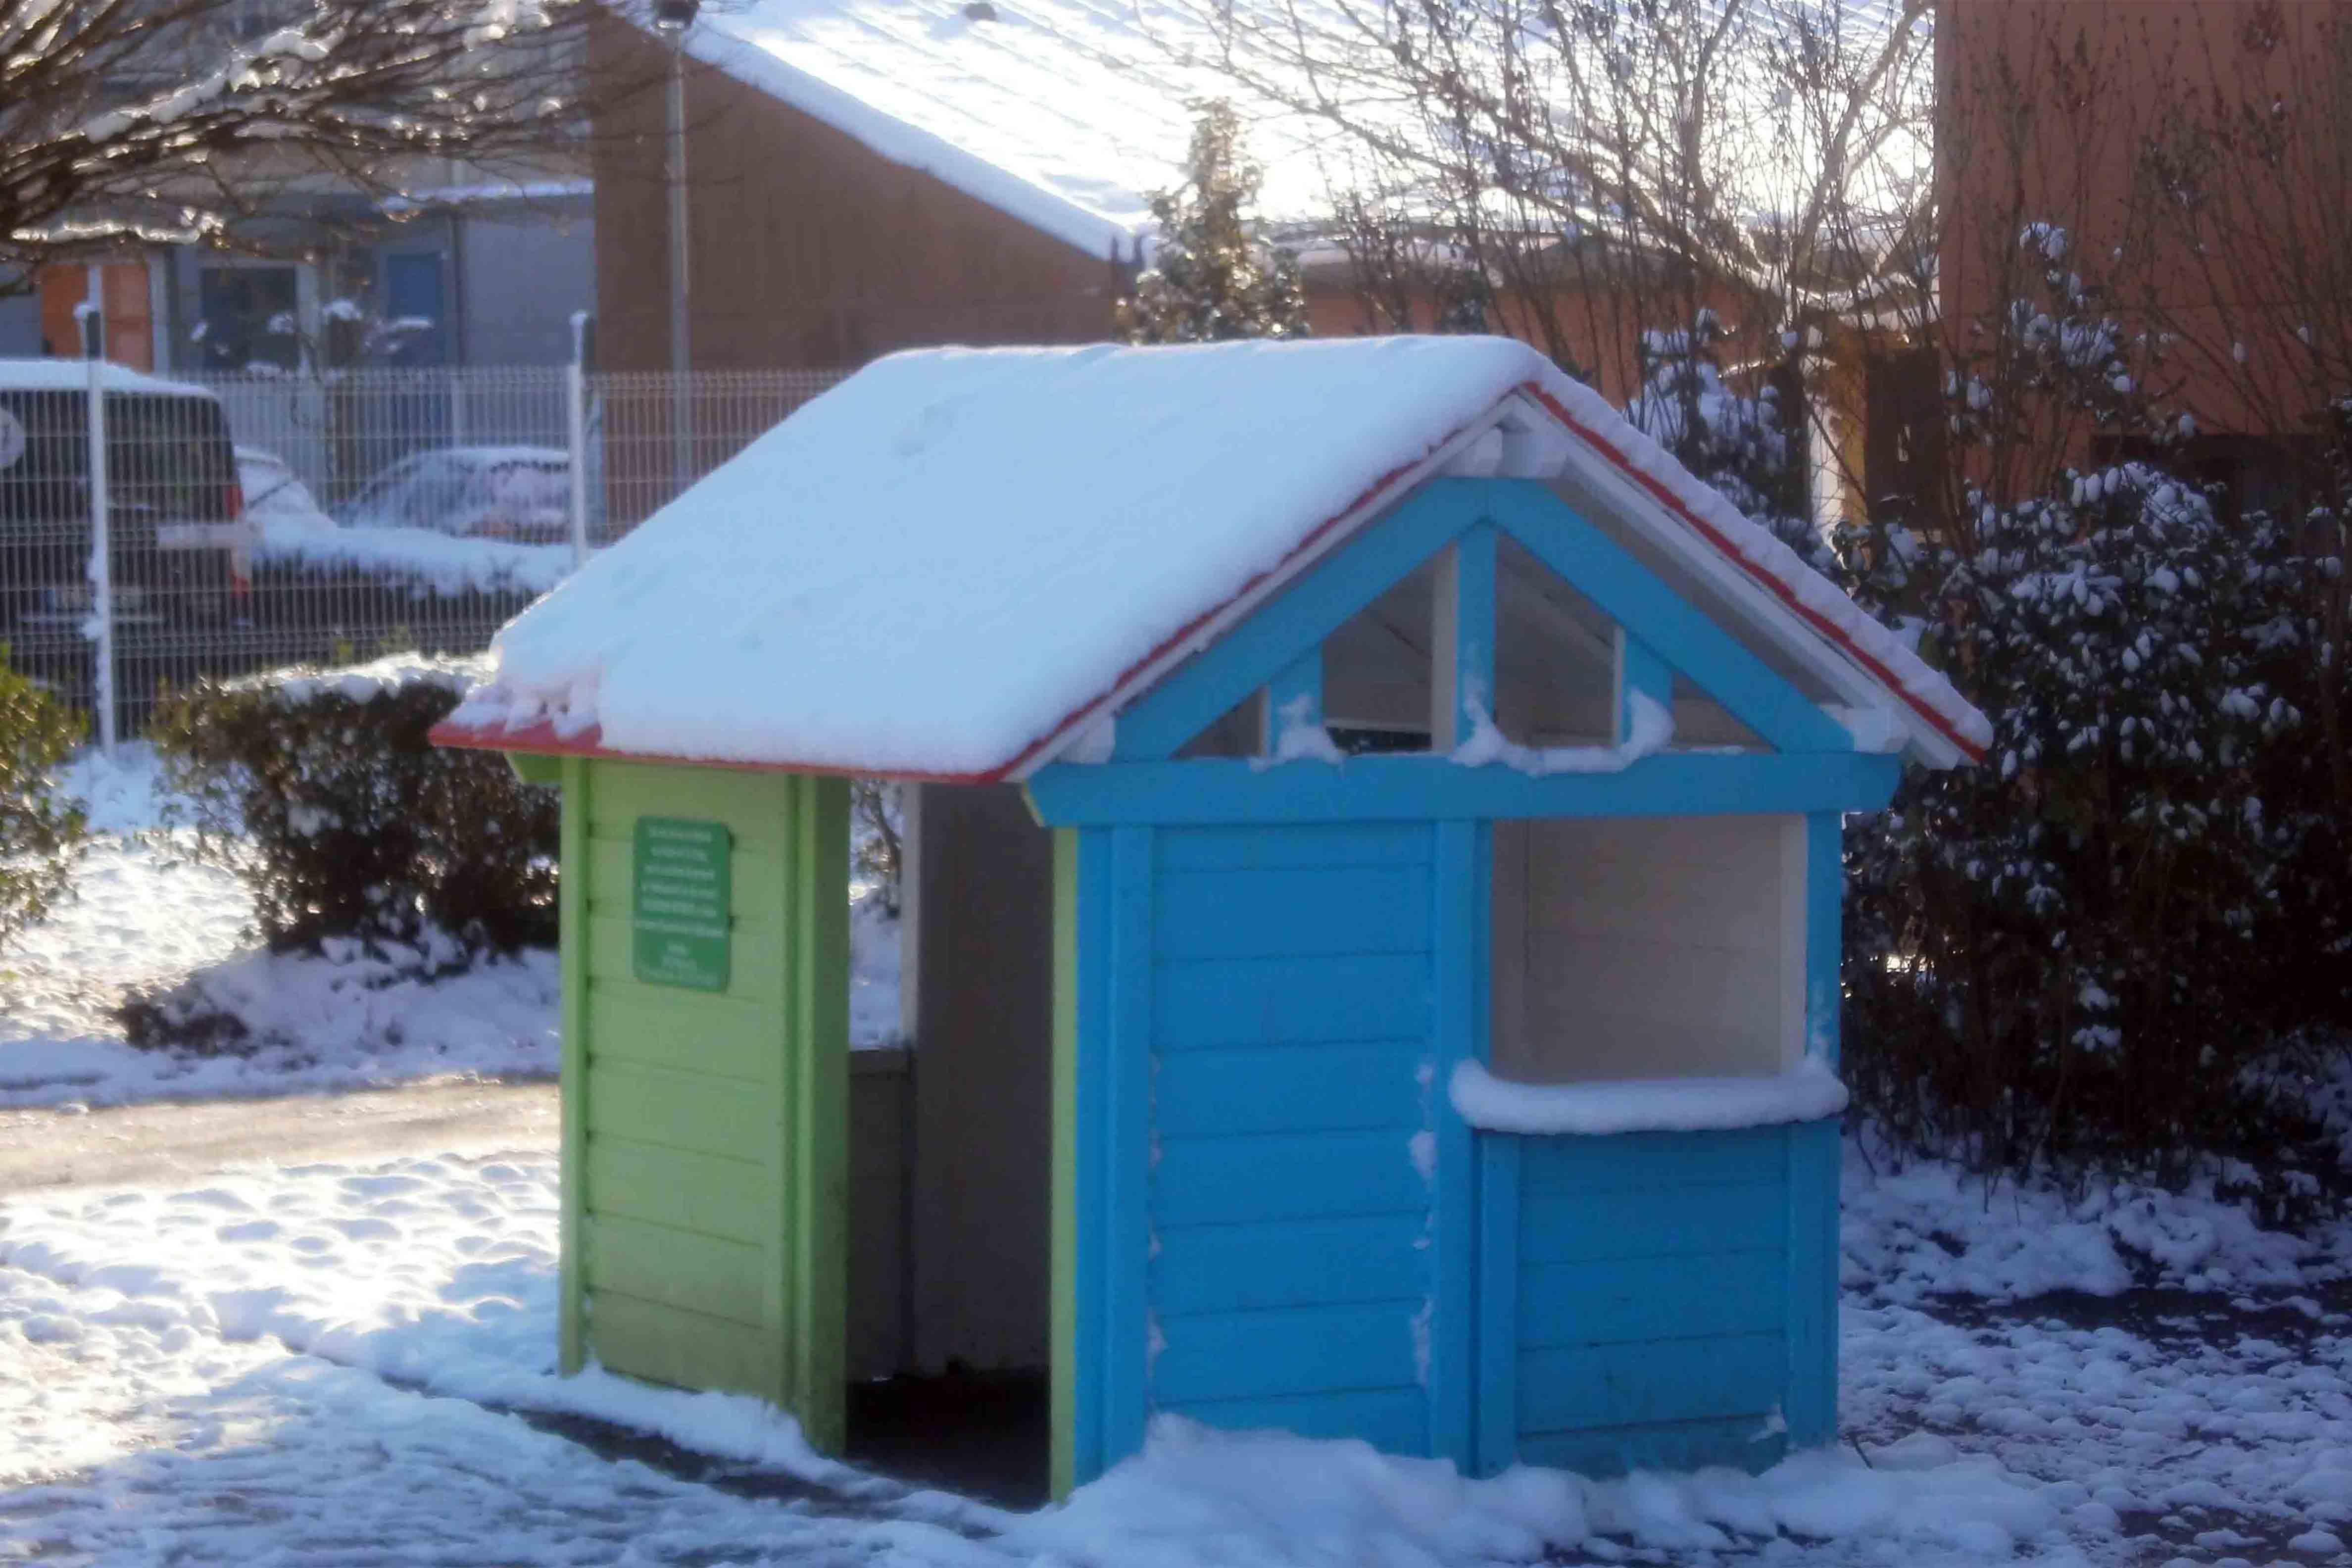 petite maison d'enfant restaurée à l'IRECOV sous la neige